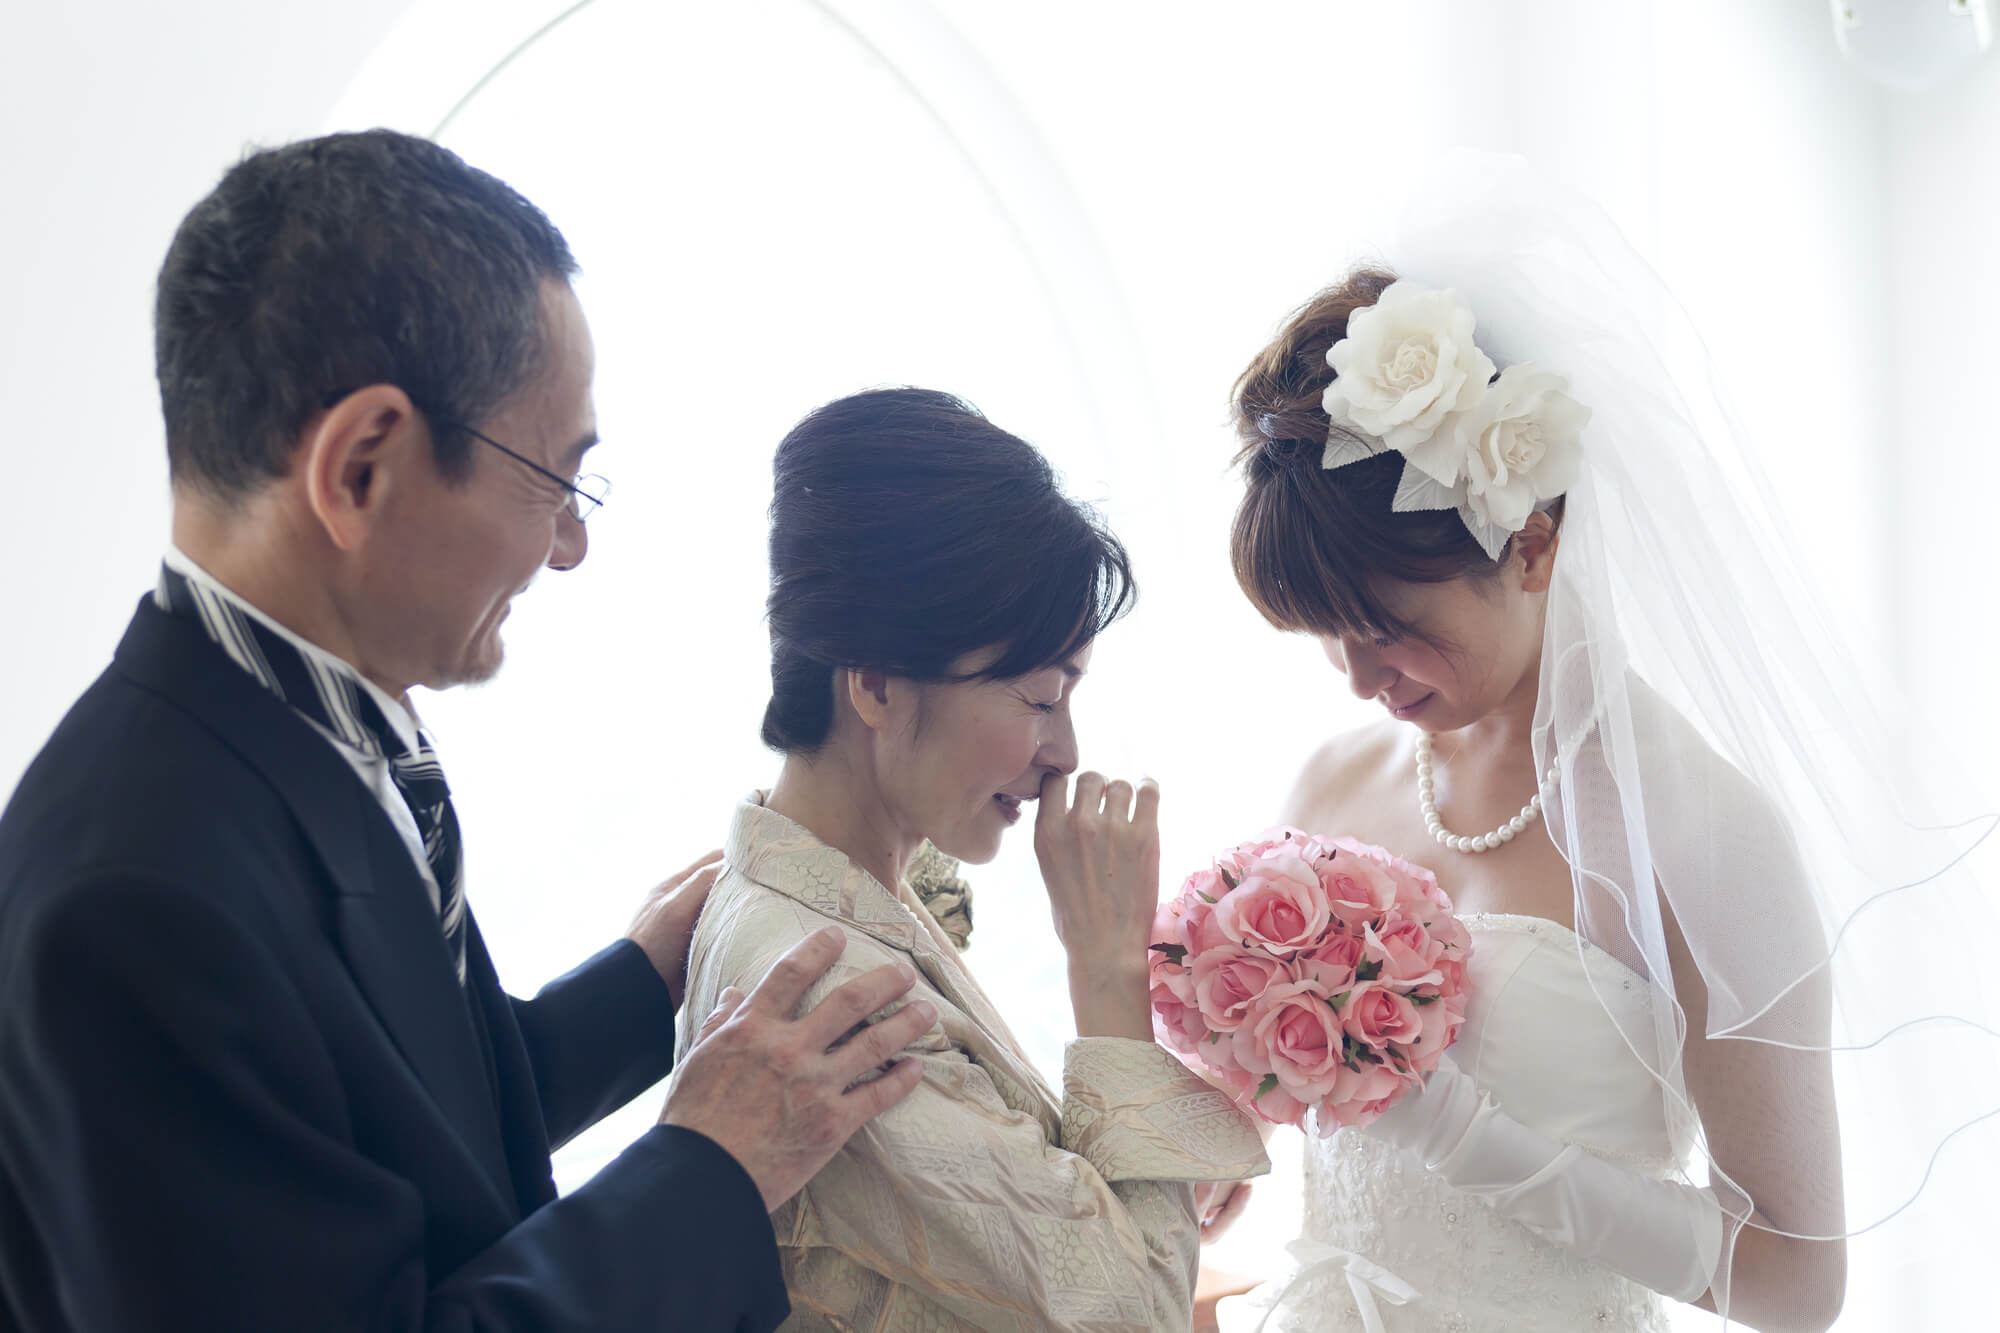 結婚式 母親にふさわしい服装は?失敗しないレンタルドレスの選び方